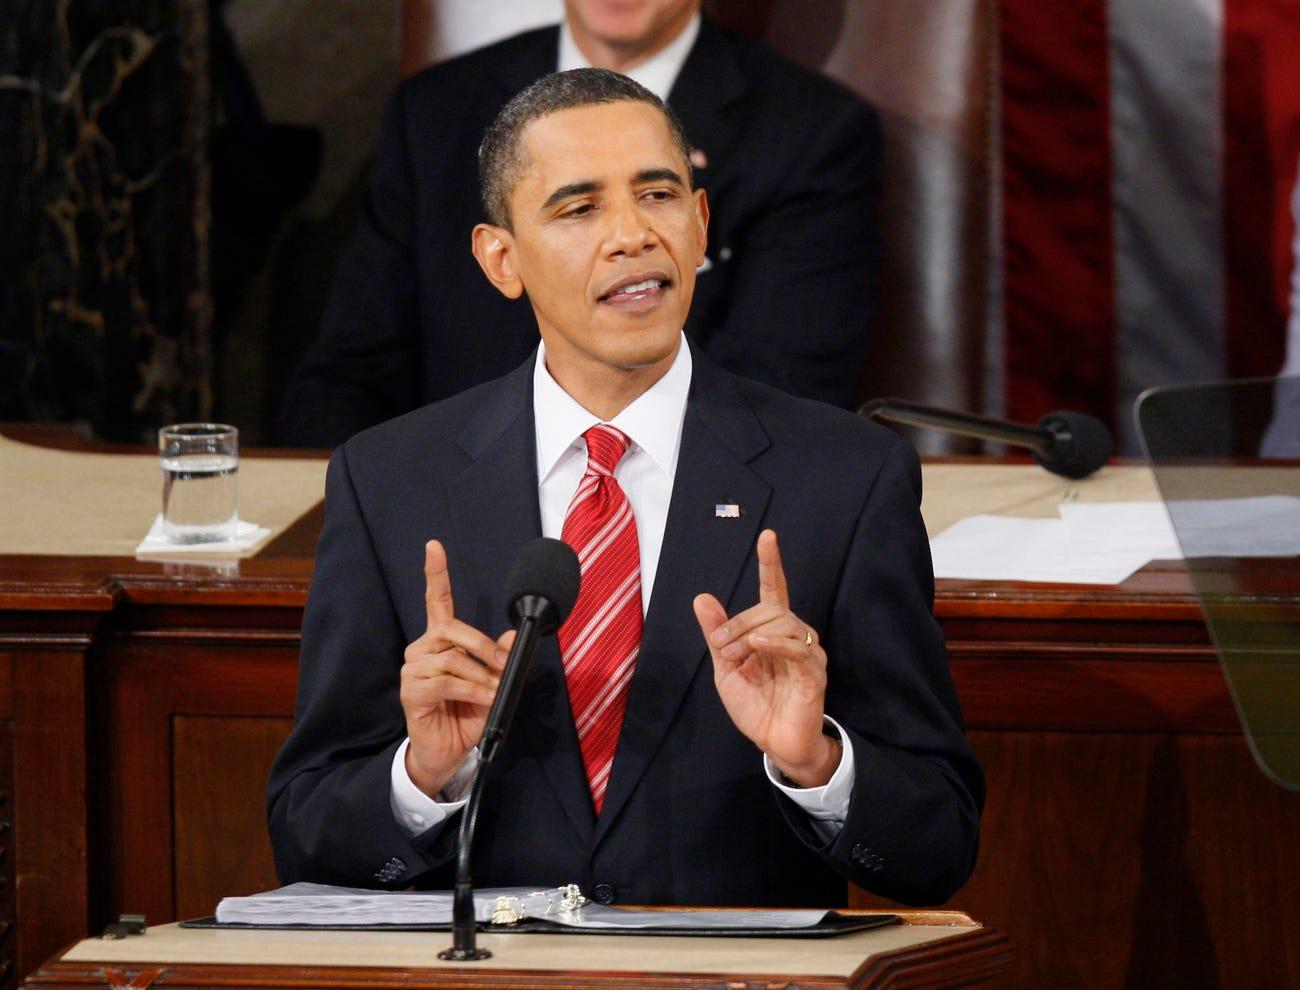 10位讓你「超想回去唸書」的名人教授 歐巴馬「教憲法」誰敢蹺課!